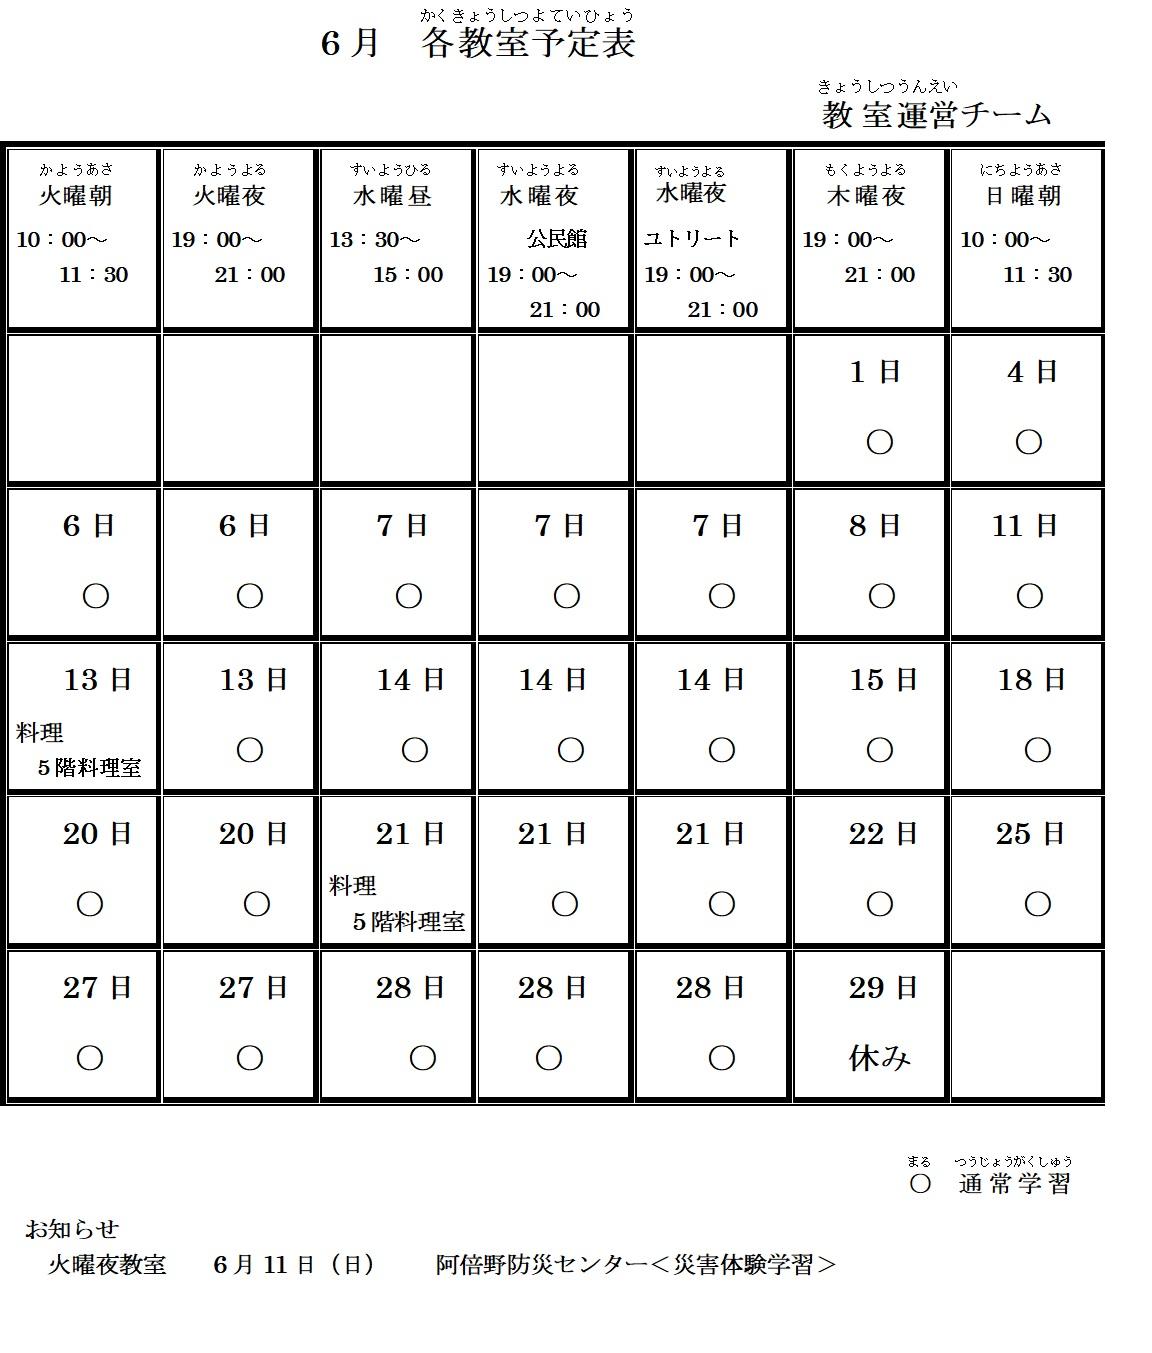 6月 各教室予定表_e0175020_196201.jpg